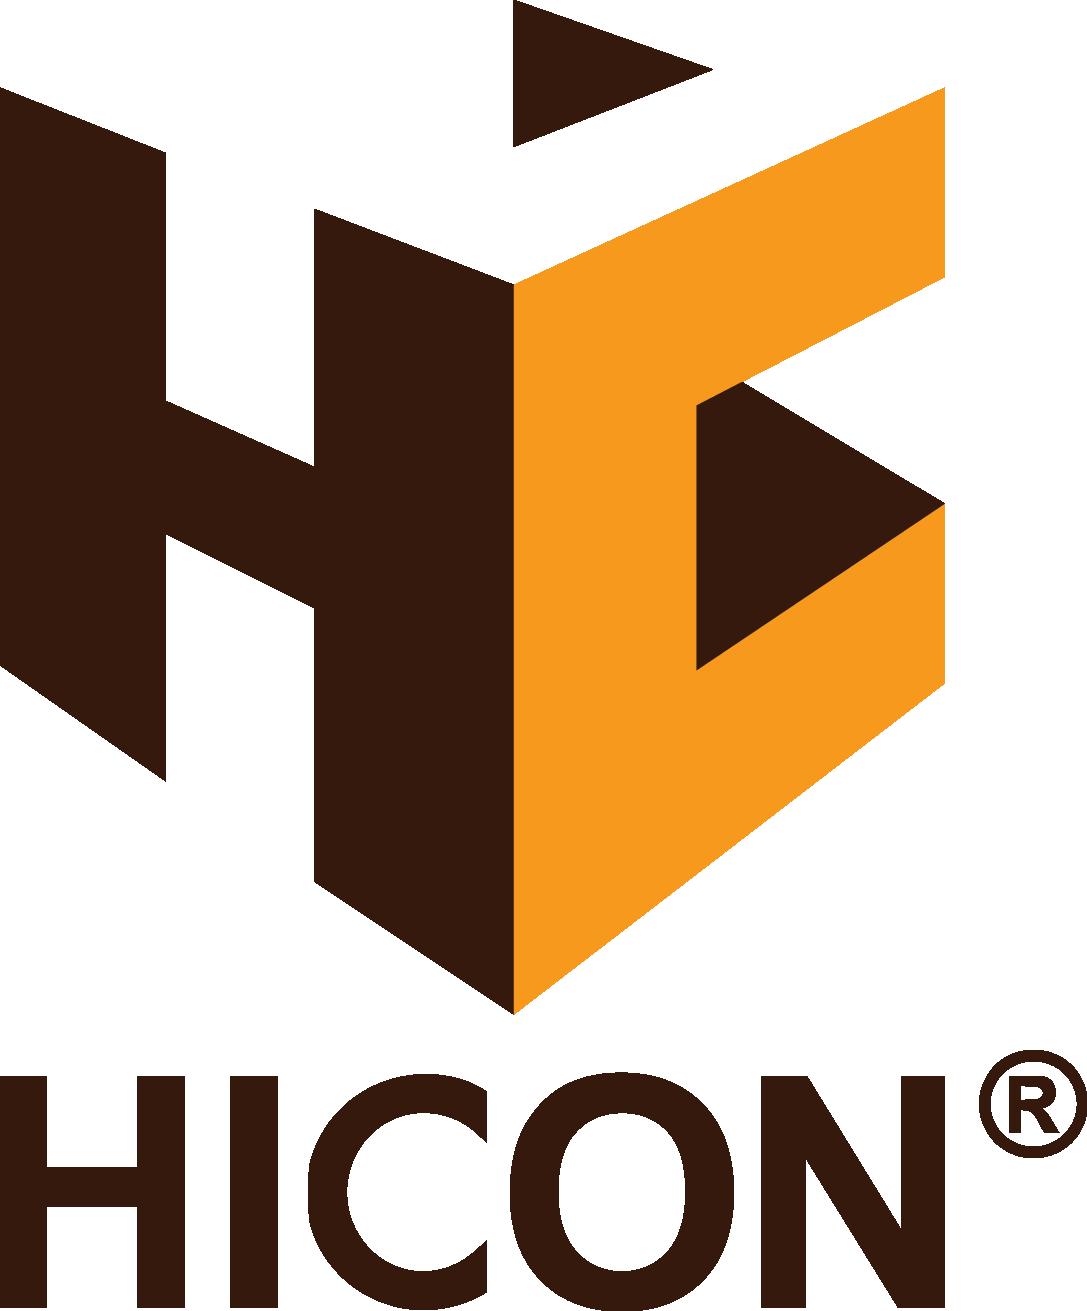 HICON JSC - CÔNG TY CỔ PHẦN ĐẦU TƯ HICON